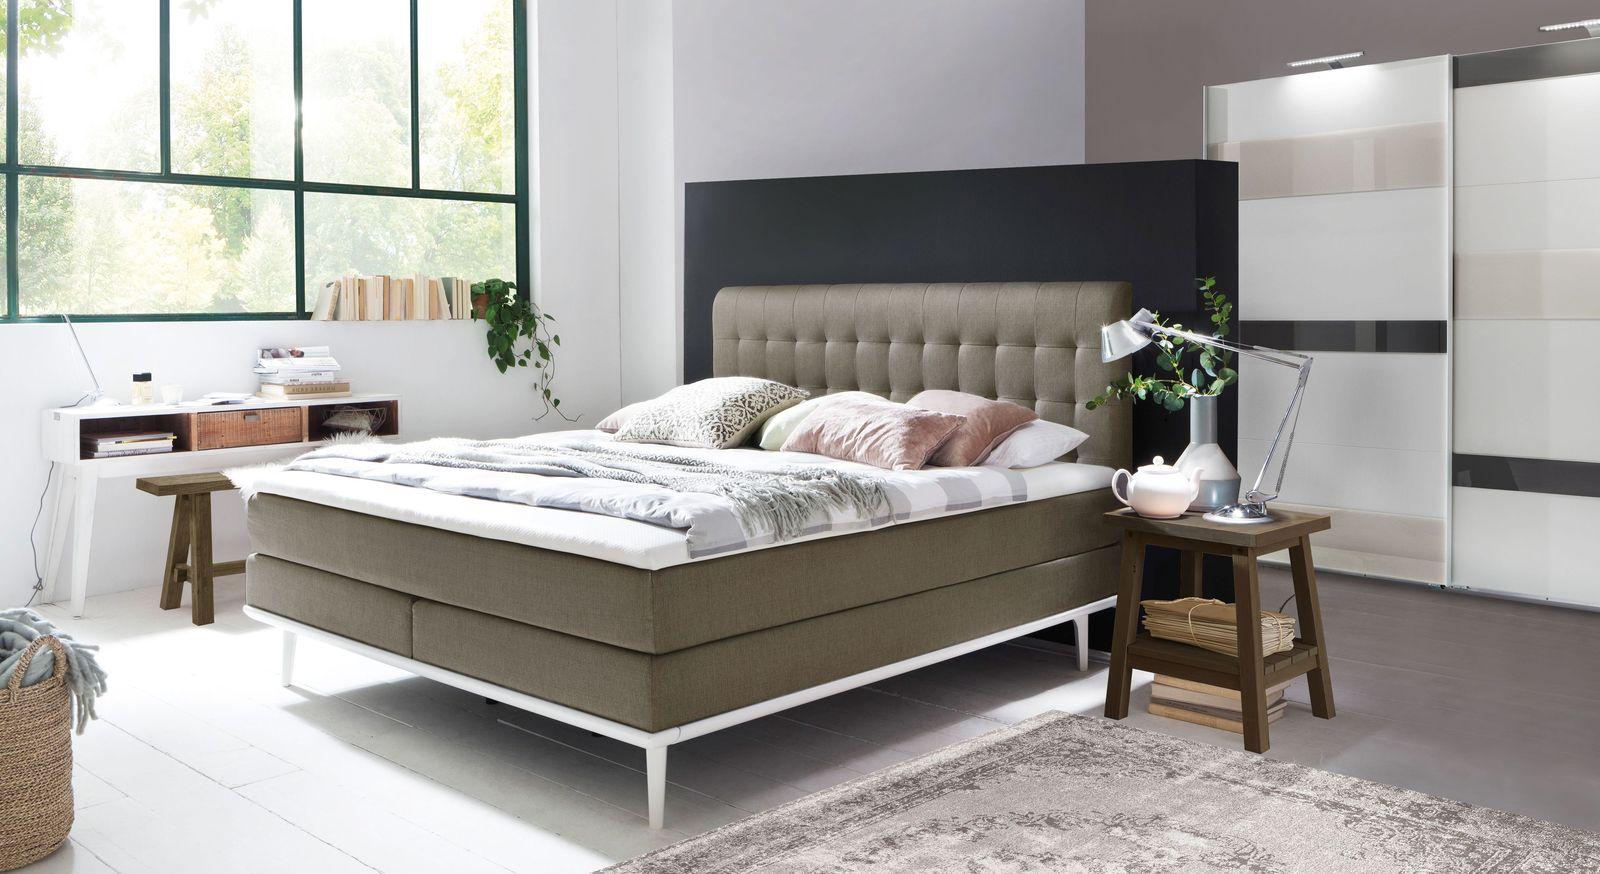 Boxspringbett Tromello mit passender Schlafzimmer-Einrichtung